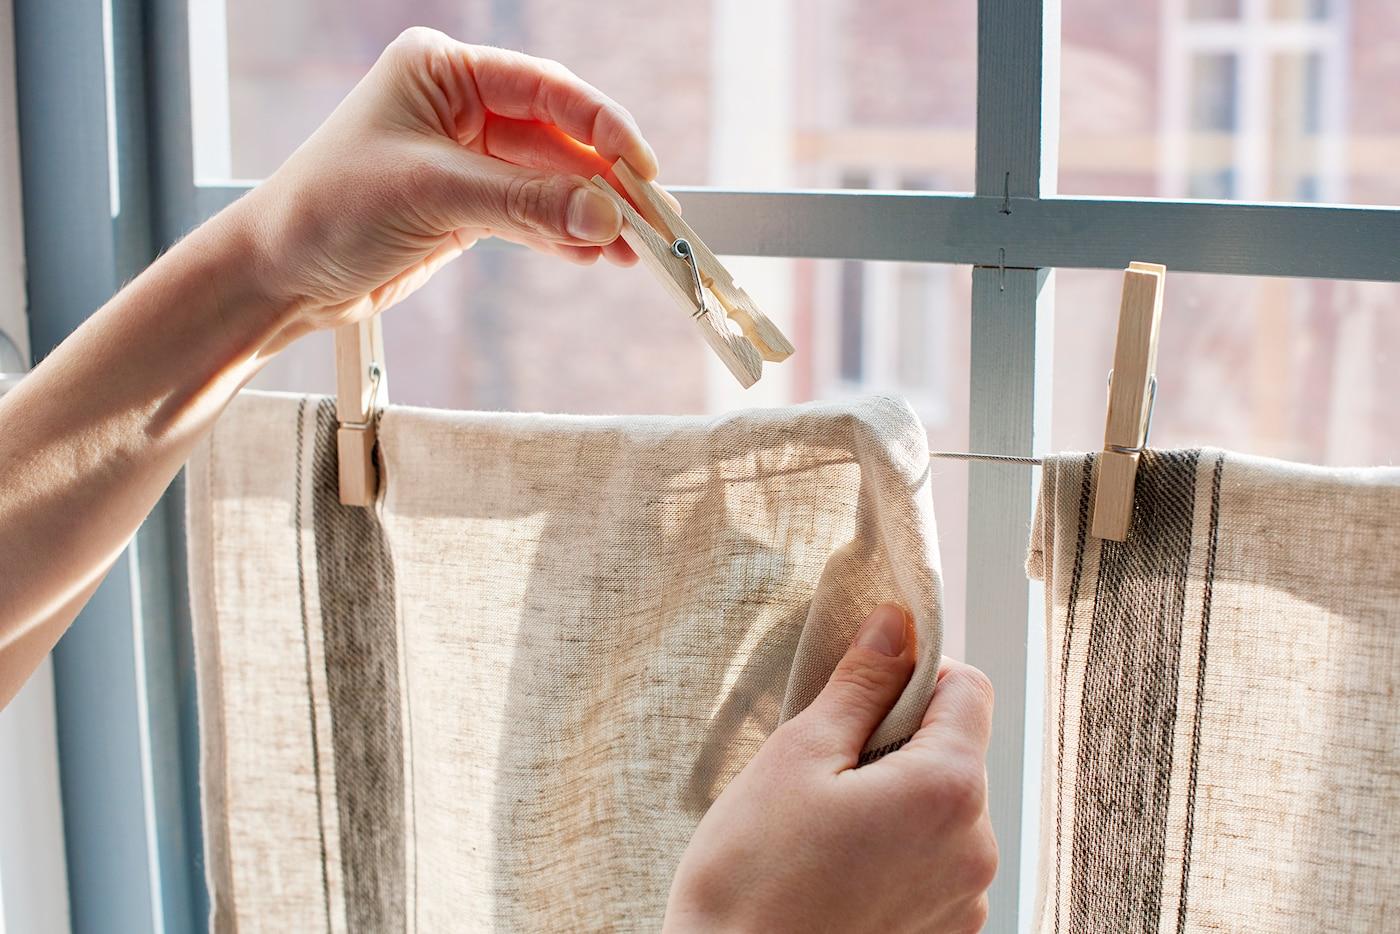 Jemand hängt 2 Geschirrtücher an einem Draht vor einem Fenster auf & befestigt sie mit Wäscheklammern.